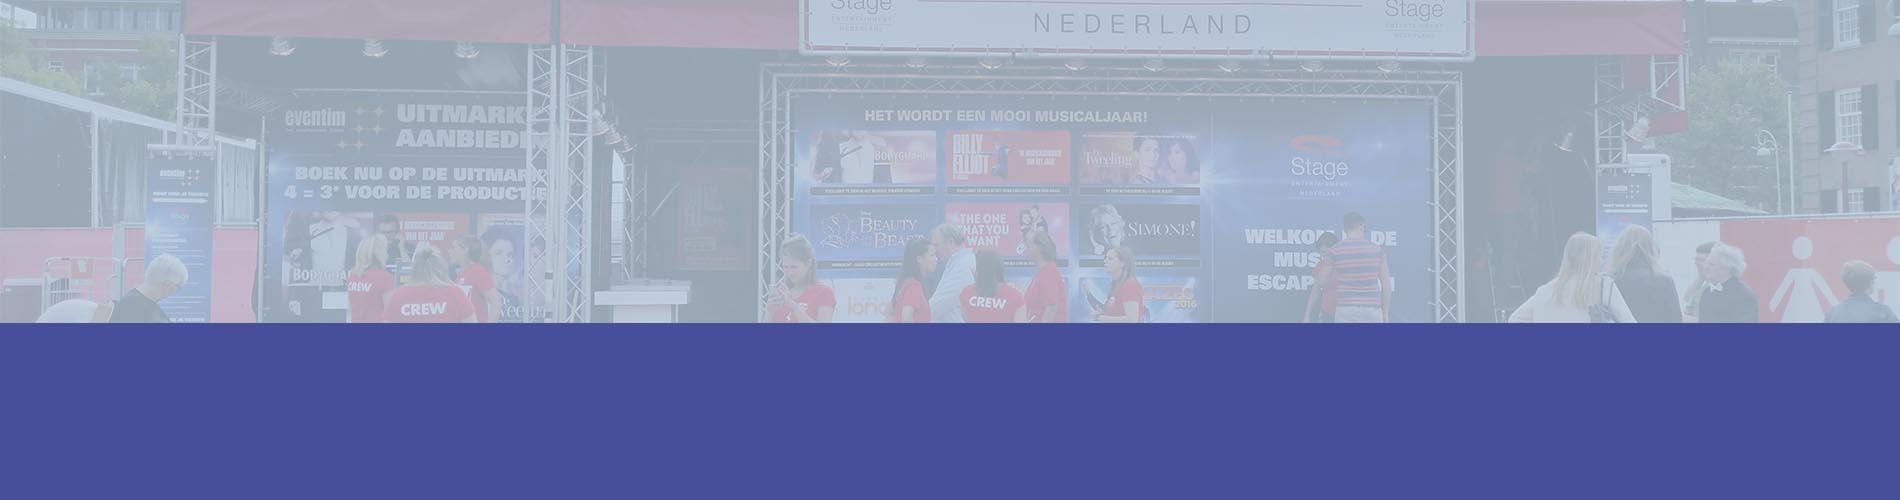 header_homepage